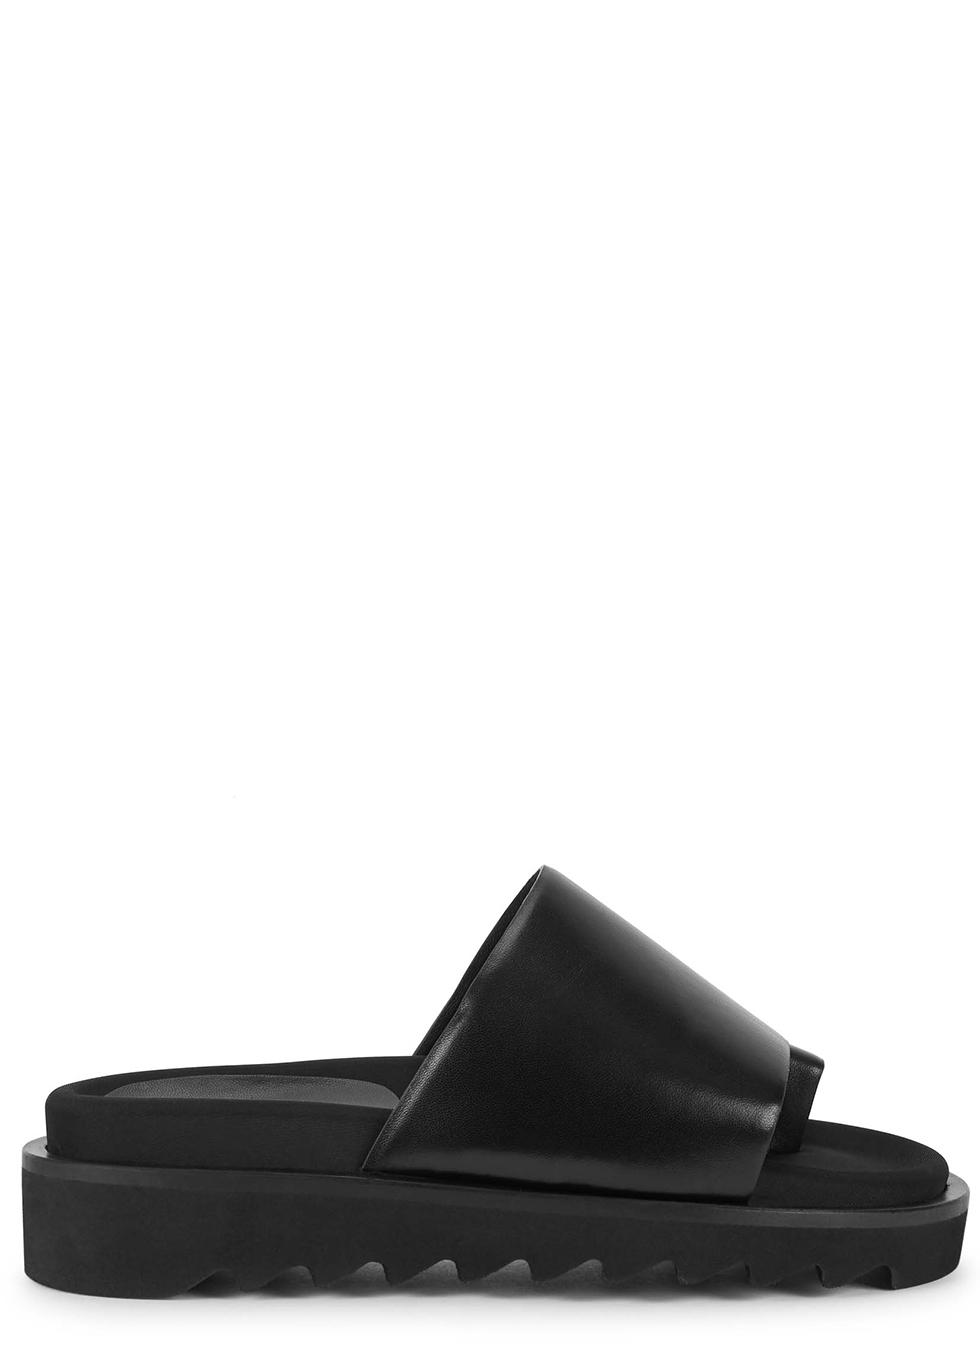 40 black leather sliders